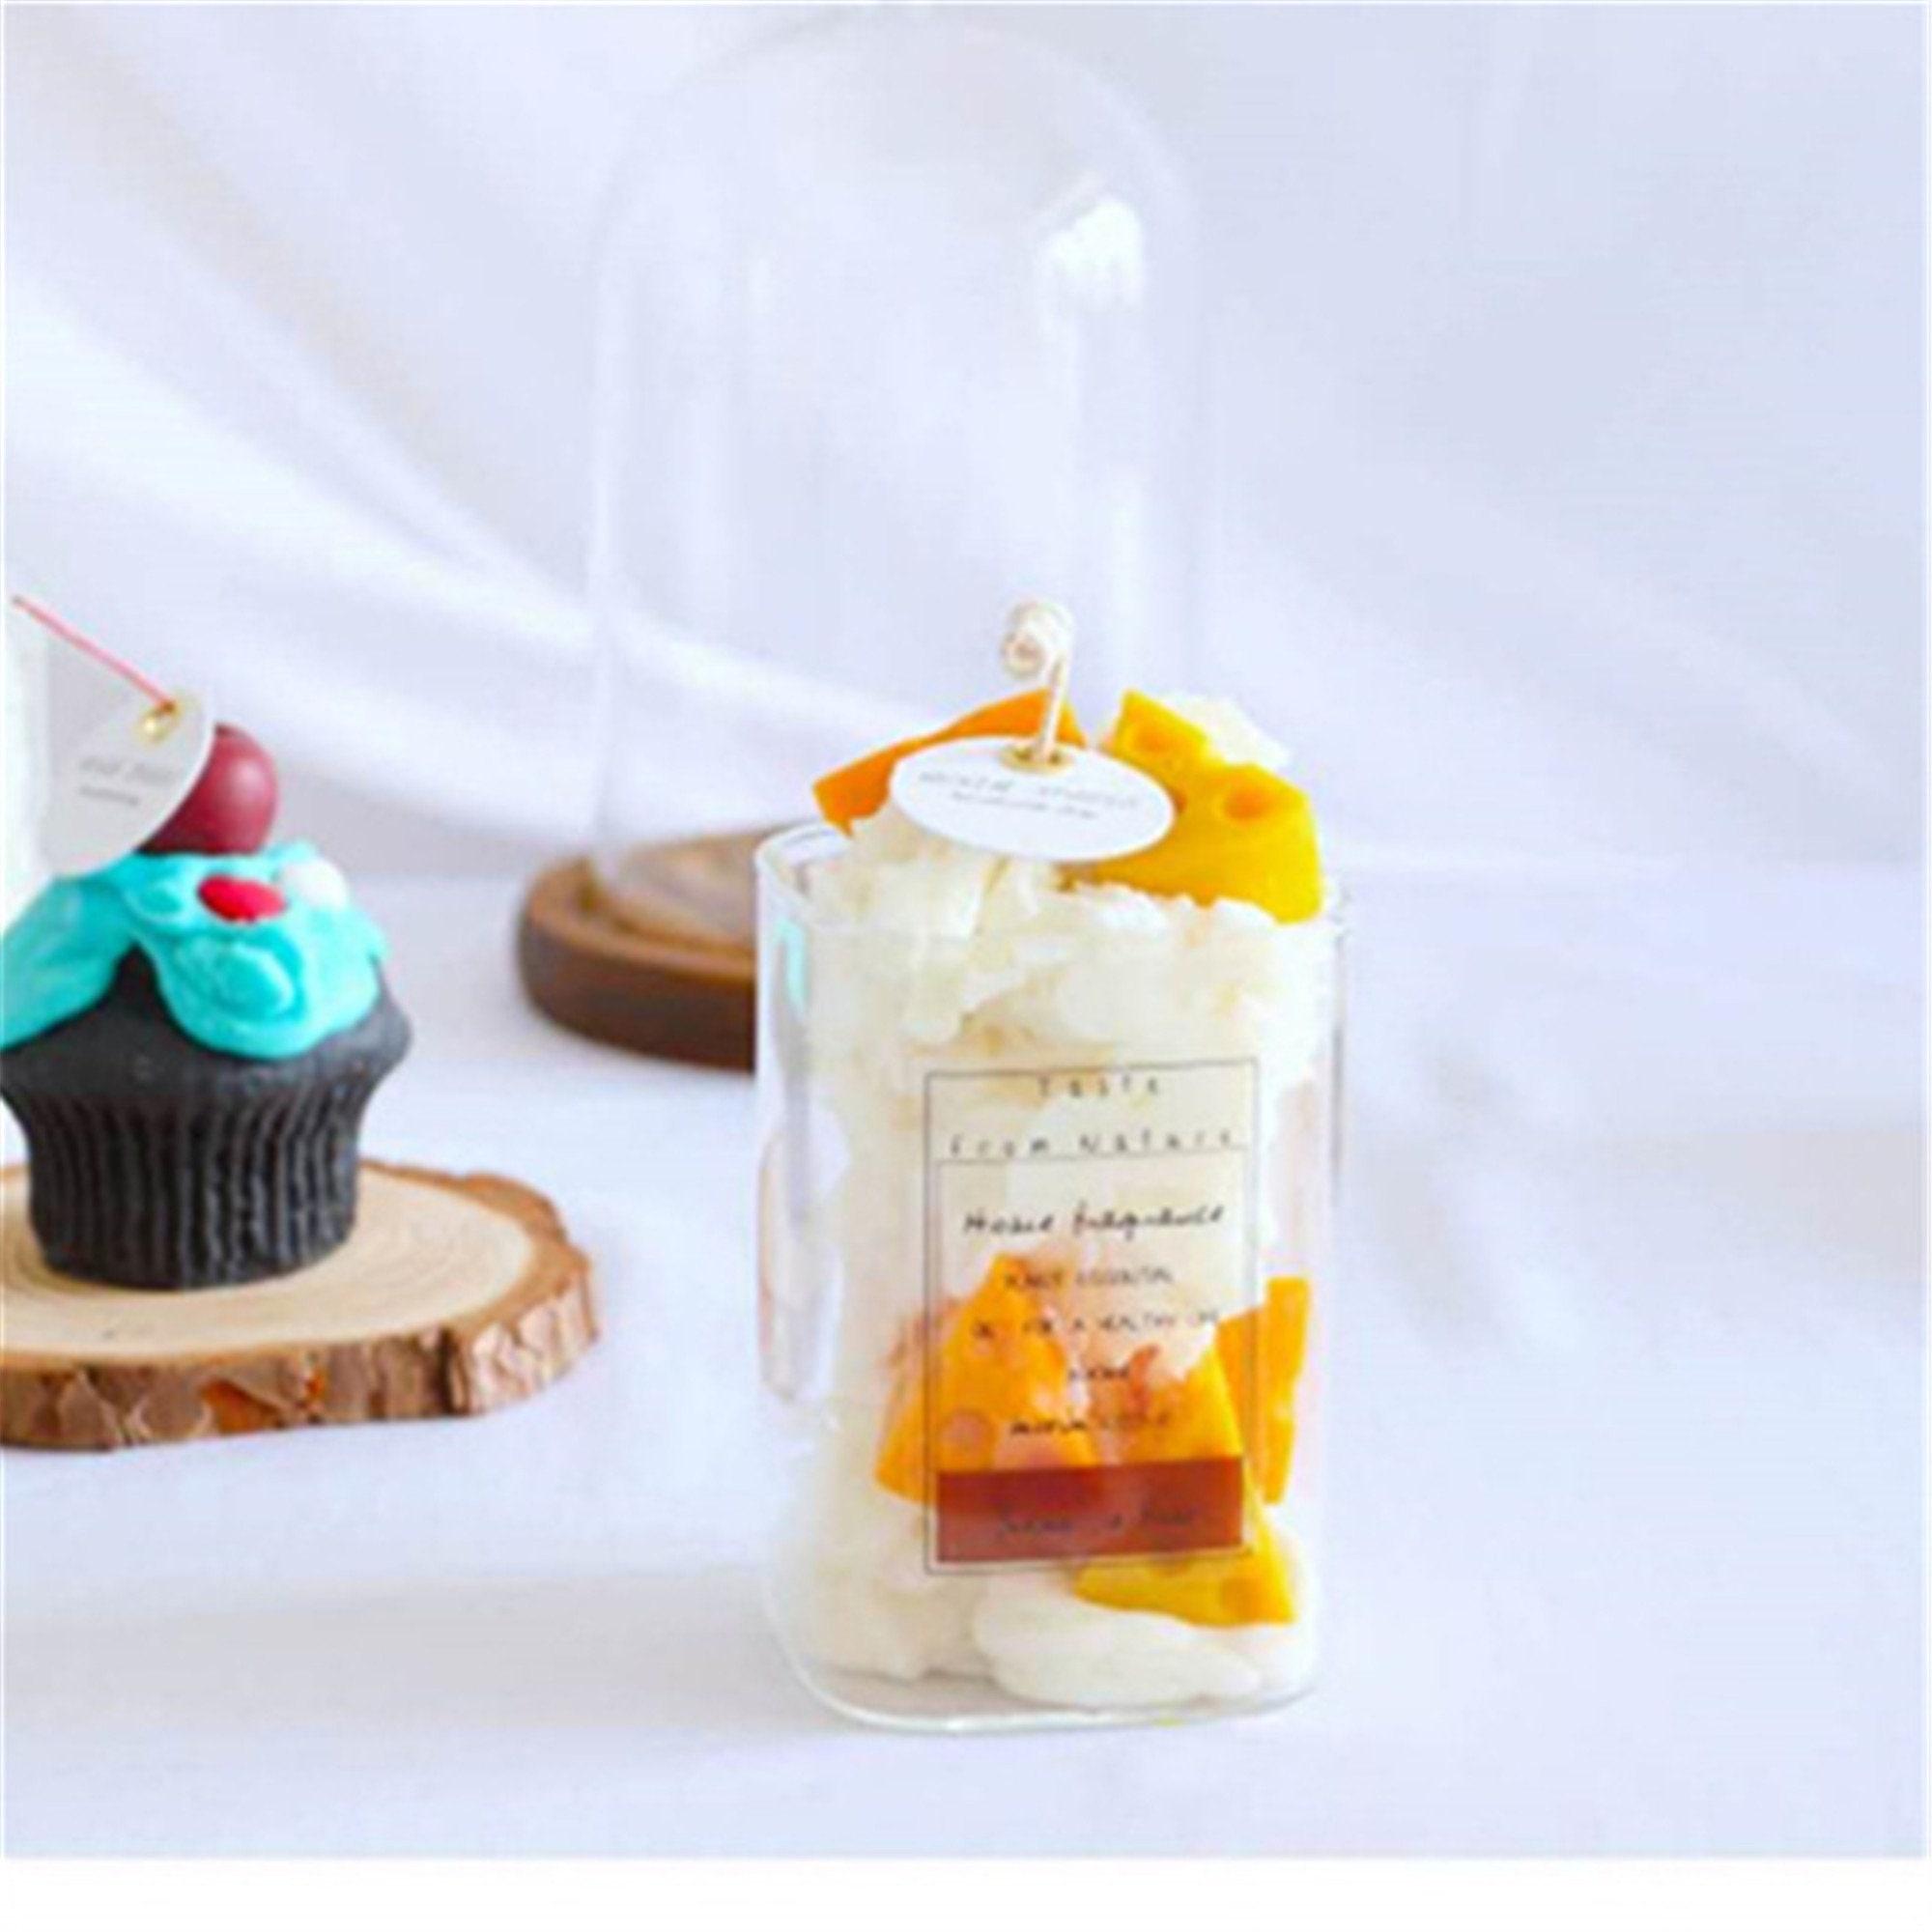 Käse-Käse-Joghurt-Tasse duftende Kerze Dekoration Schießen